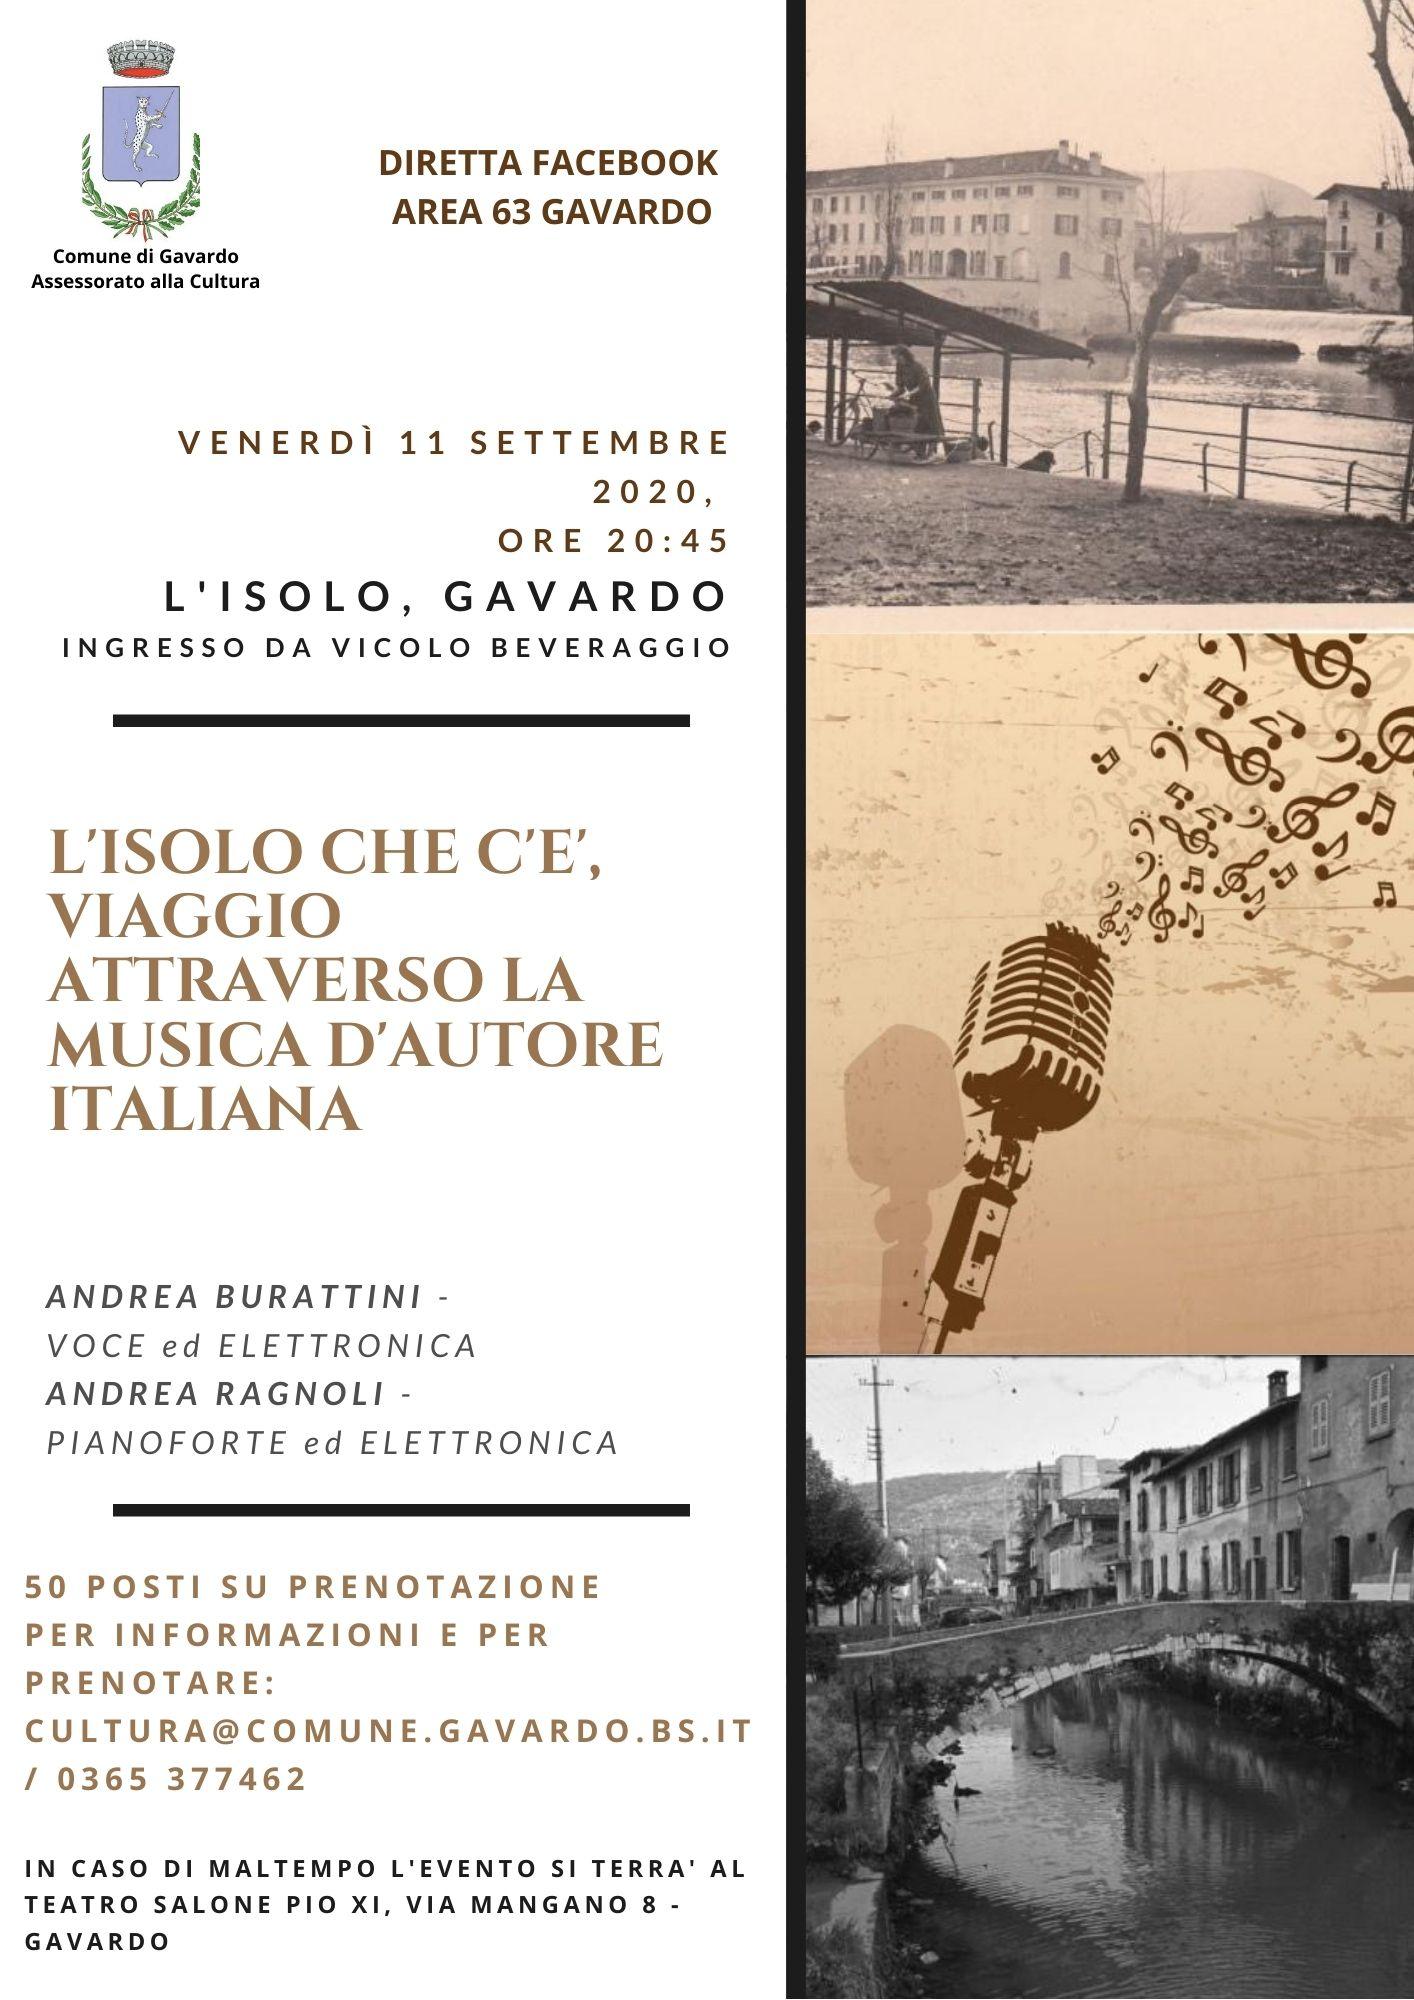 L'Isolo che c'è, viaggio attraverso la musica d'autore italiano